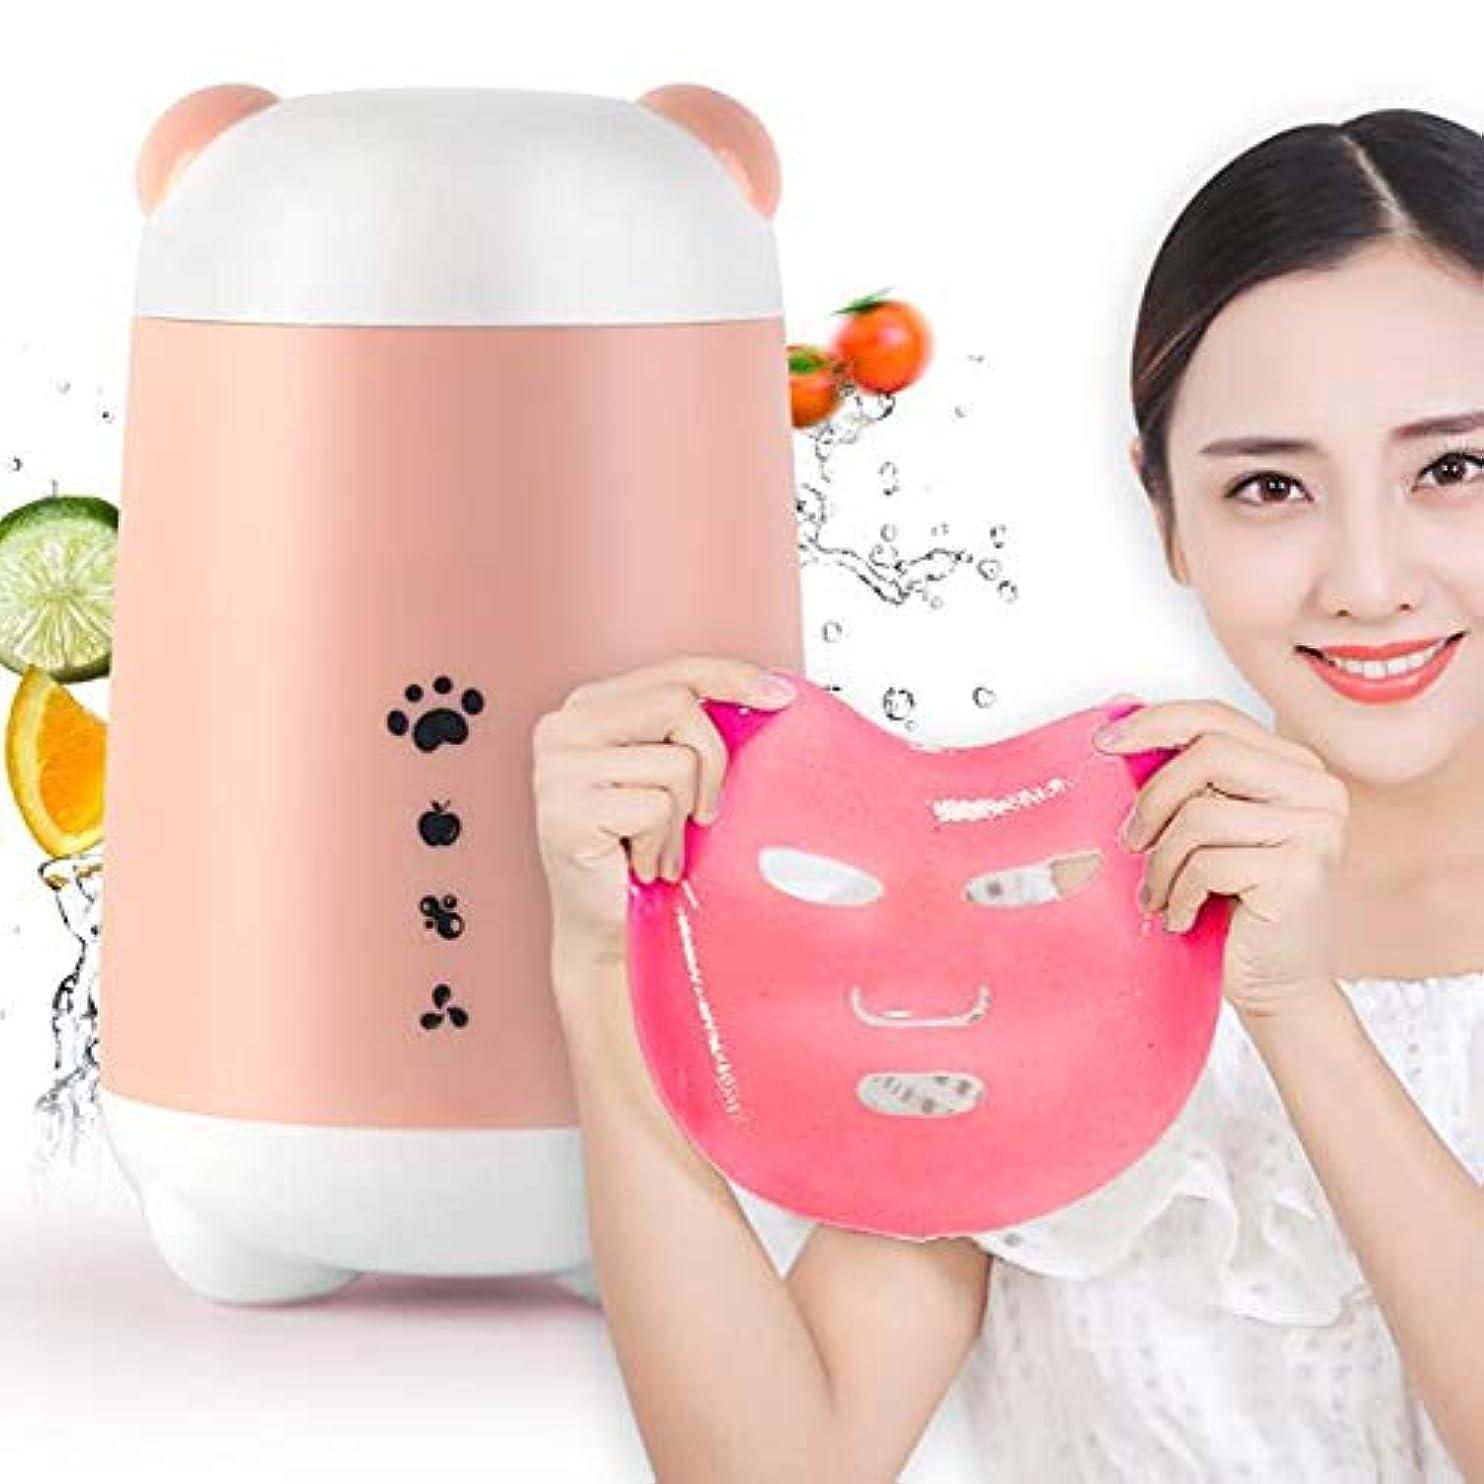 支援国際プレミアムフルーツと野菜のマスクを作るマシン、顔のスチーマー完全自動音声プロンプトDIY自家製の自然美容機器,Pink